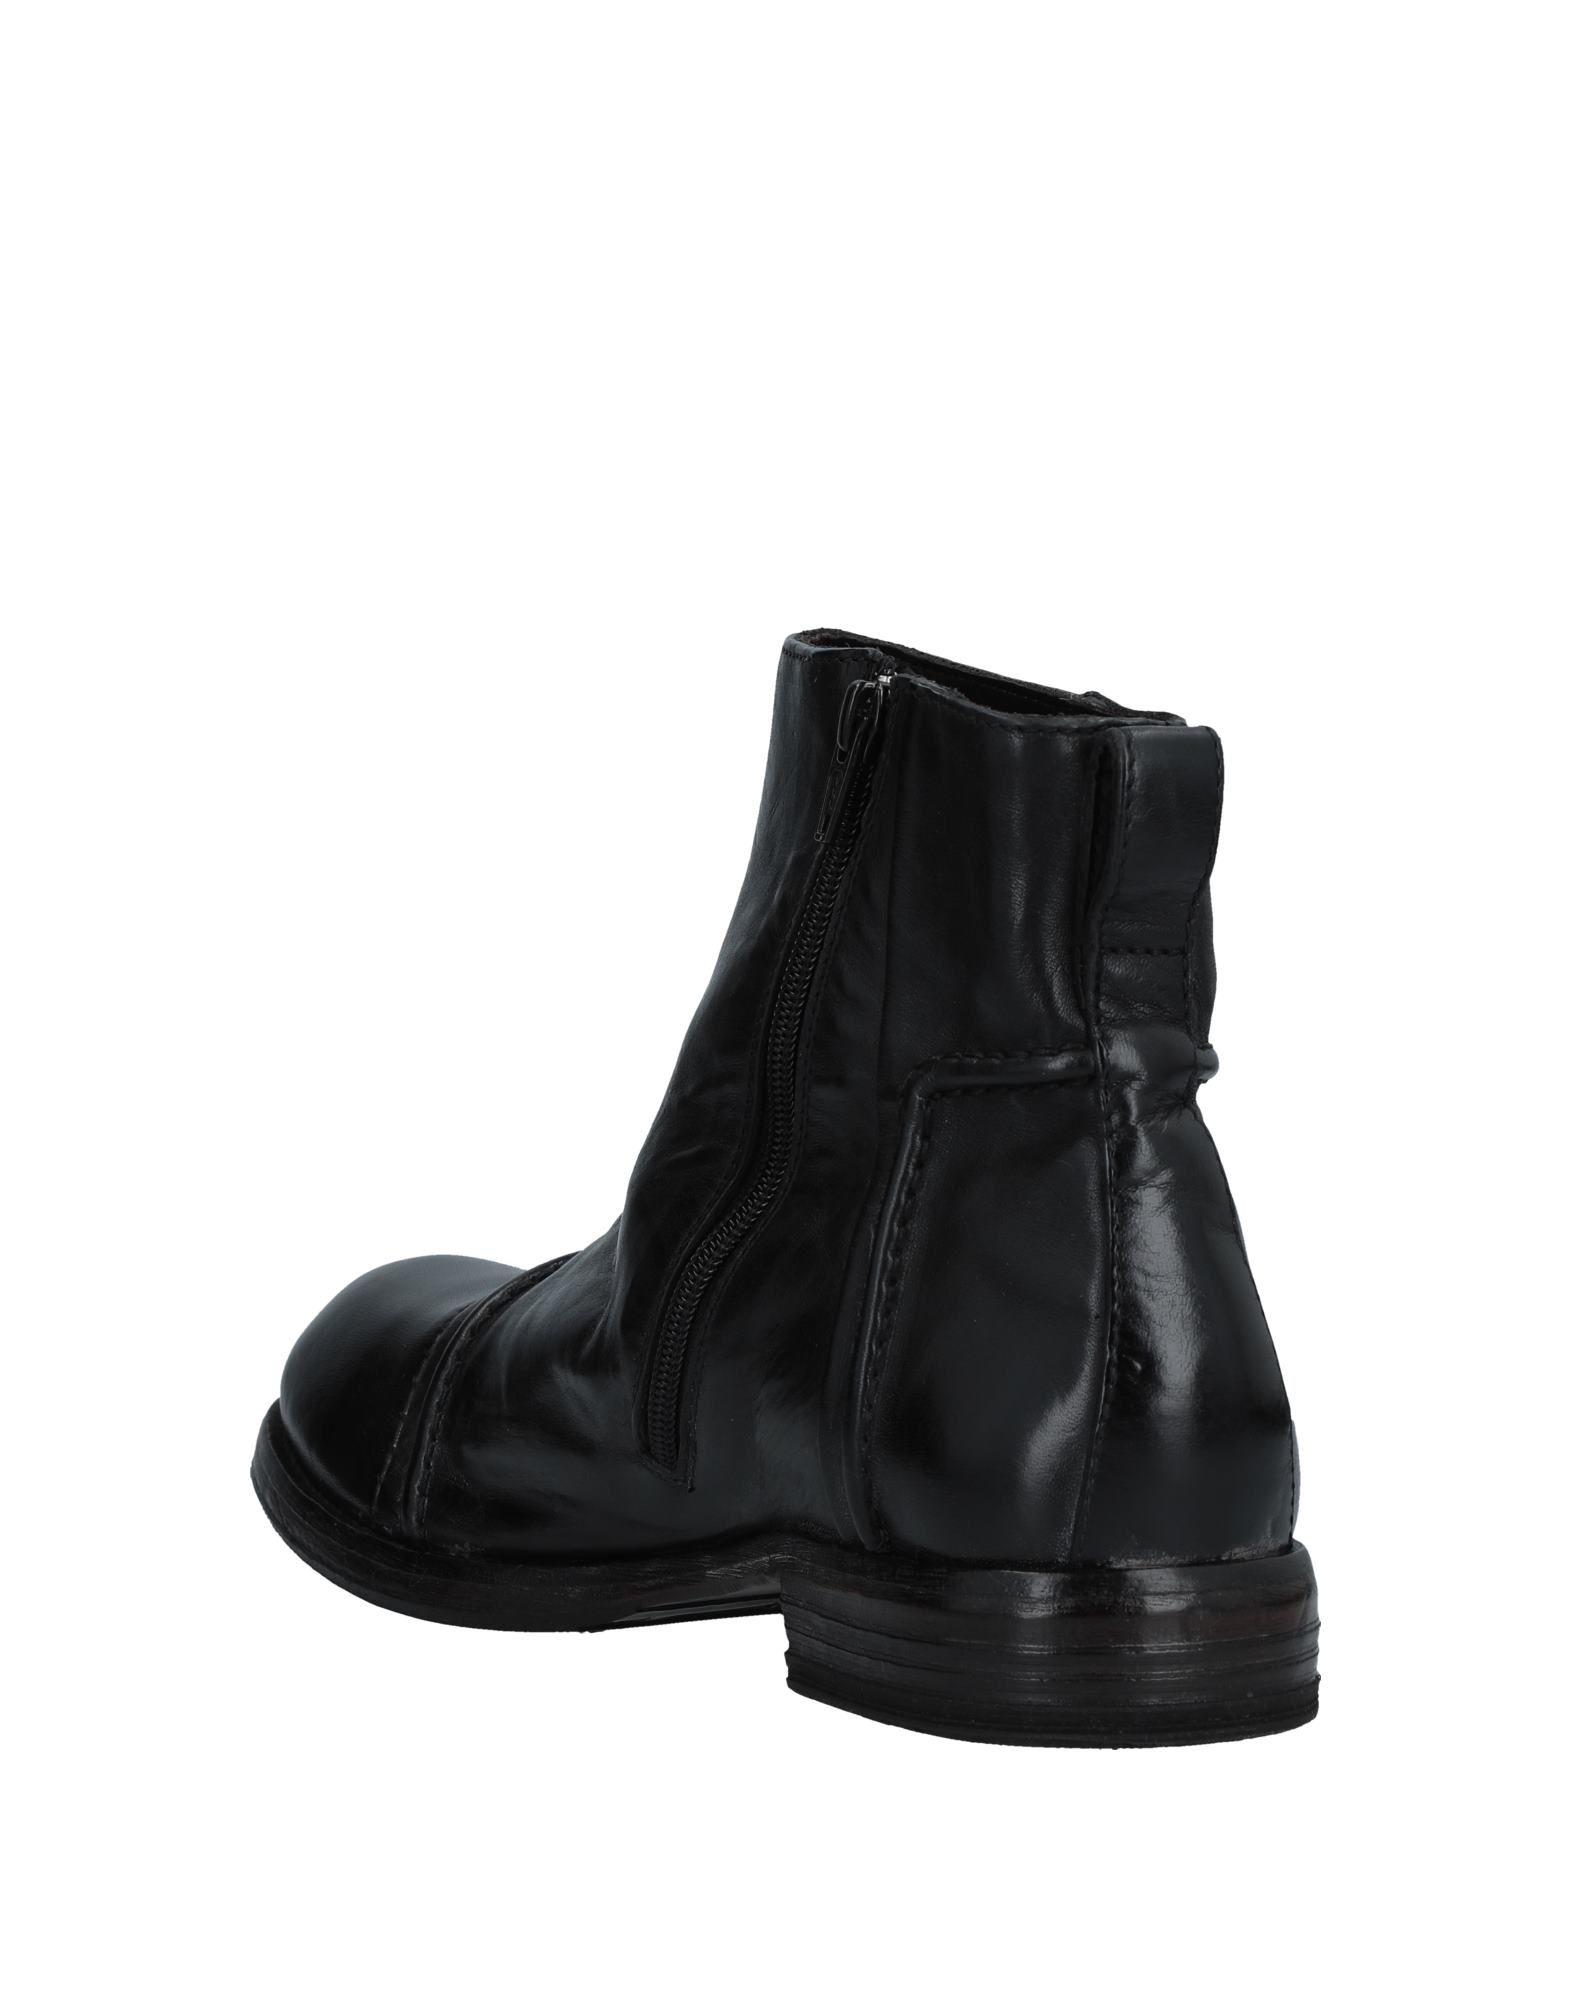 Moma Stiefelette Qualität Herren  11518729UA Gute Qualität Stiefelette beliebte Schuhe b4f3f0